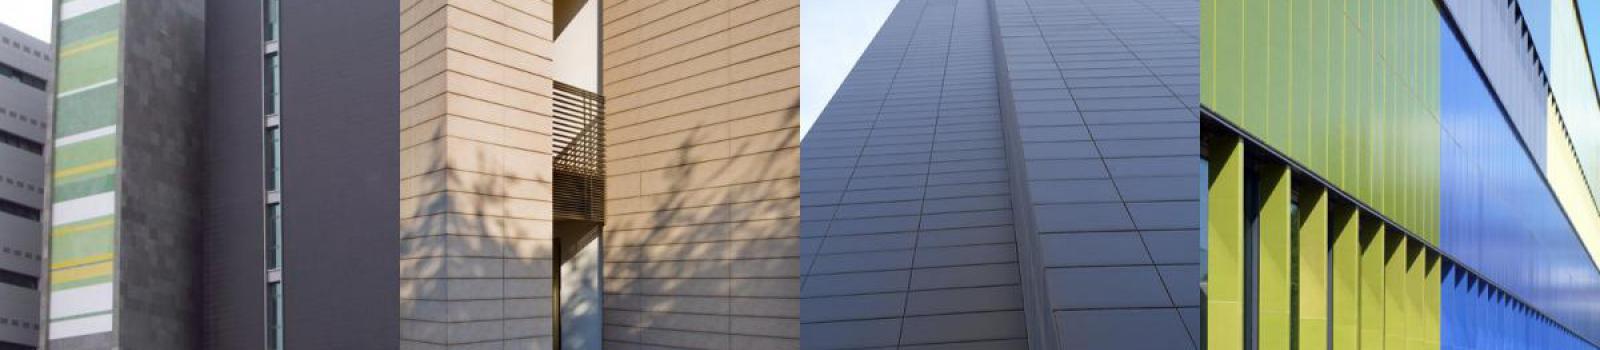 Colores en fachadas ventiladas